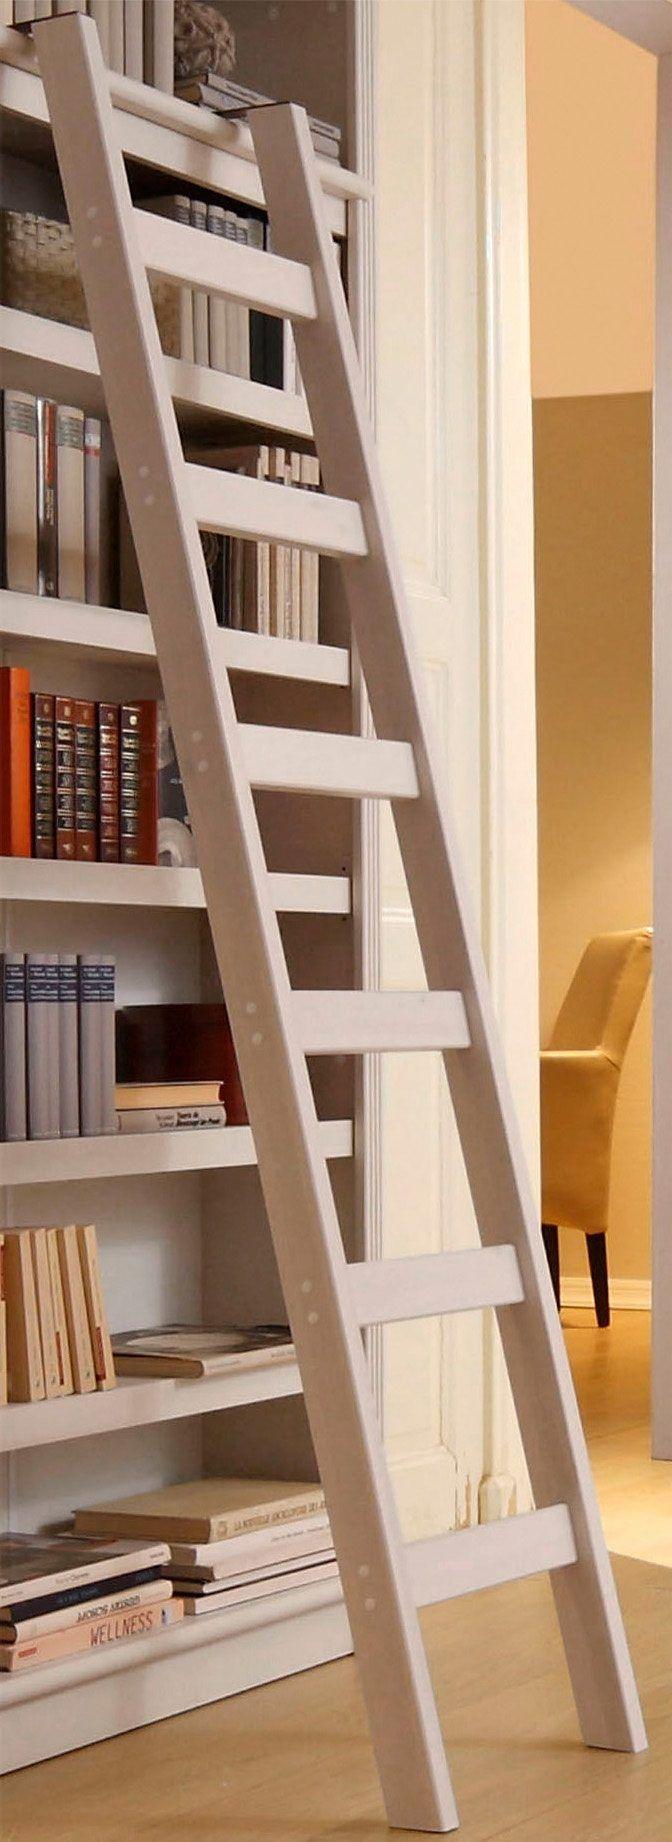 die besten 25 regalleiter ideen auf pinterest leiterregale leiterregal holz und leiterregal. Black Bedroom Furniture Sets. Home Design Ideas